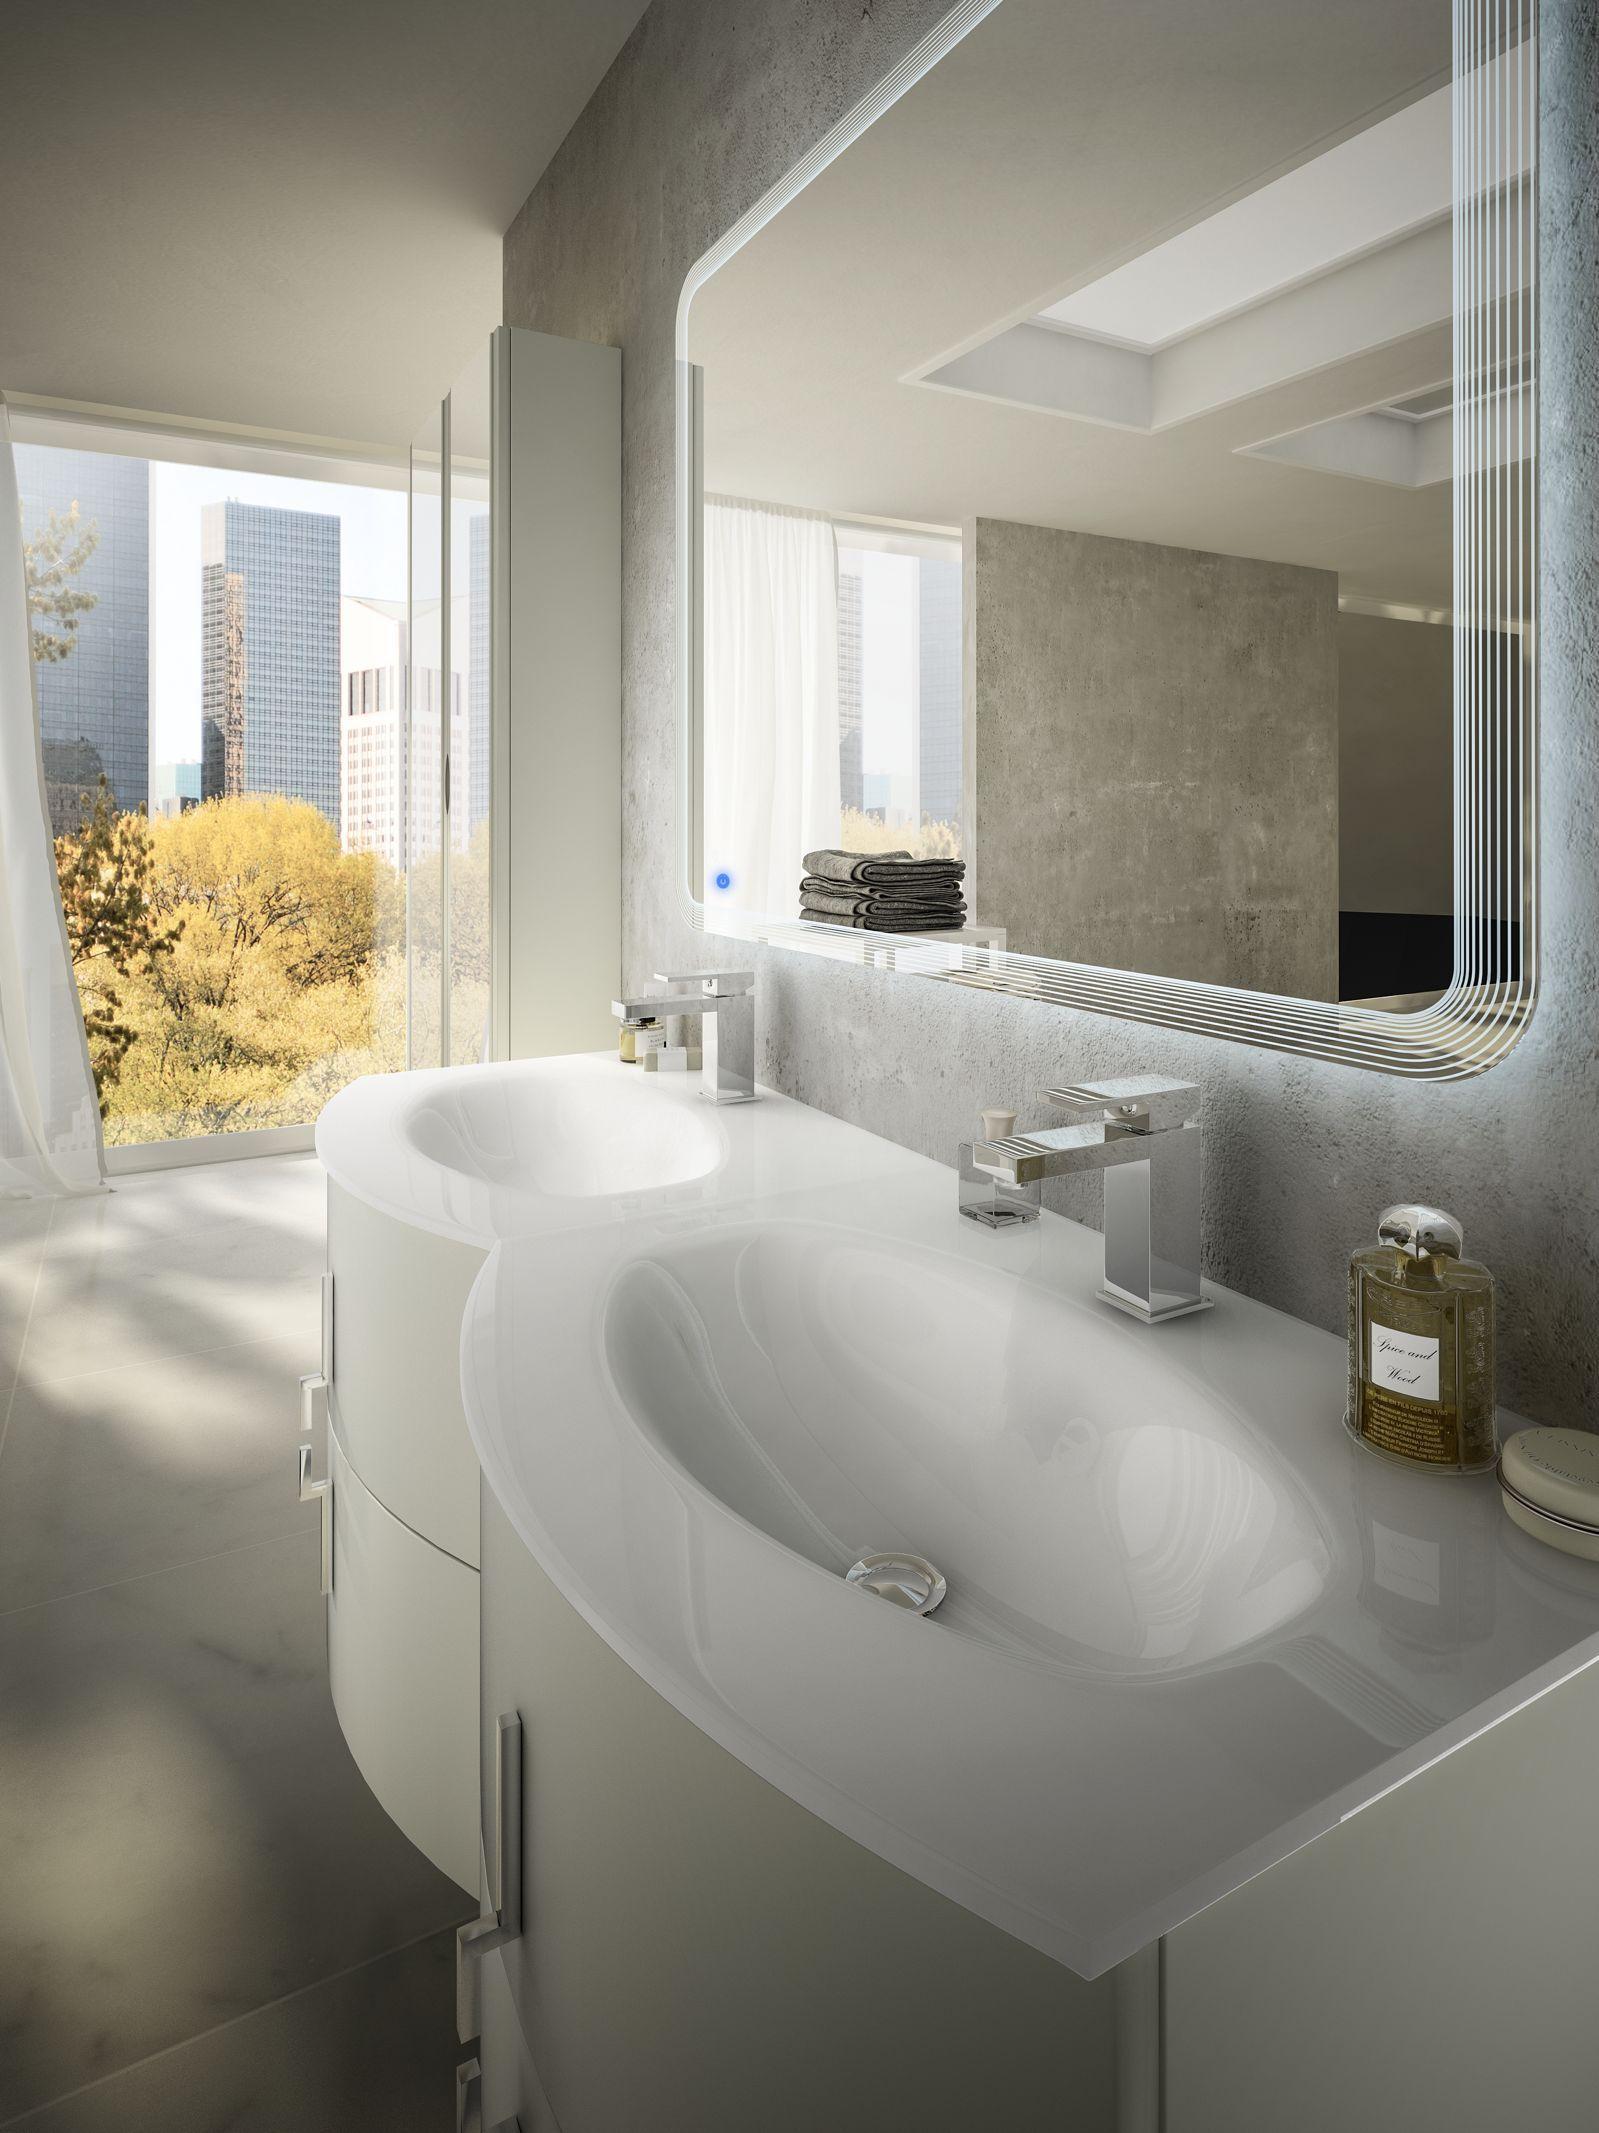 Bagno Beige Colore Mobili : Bagno blu scavolini. Bagno bathroom ...